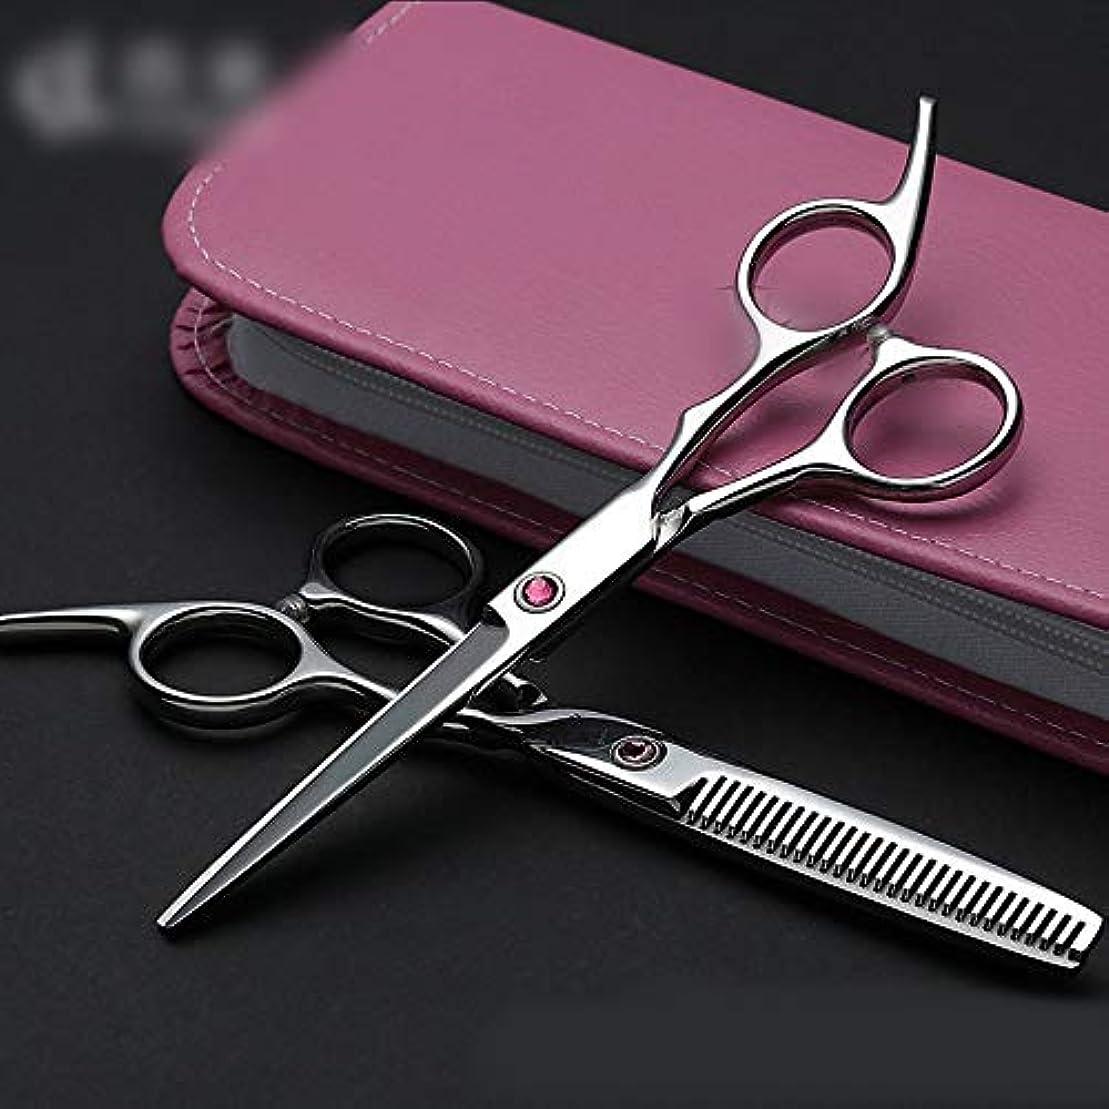 寄生虫核招待理髪用はさみ 6インチプロフェッショナル理髪セット、フラット+歯はさみ理髪はさみセットヘアカット鋏ステンレス理髪はさみ (色 : Pink diamond)